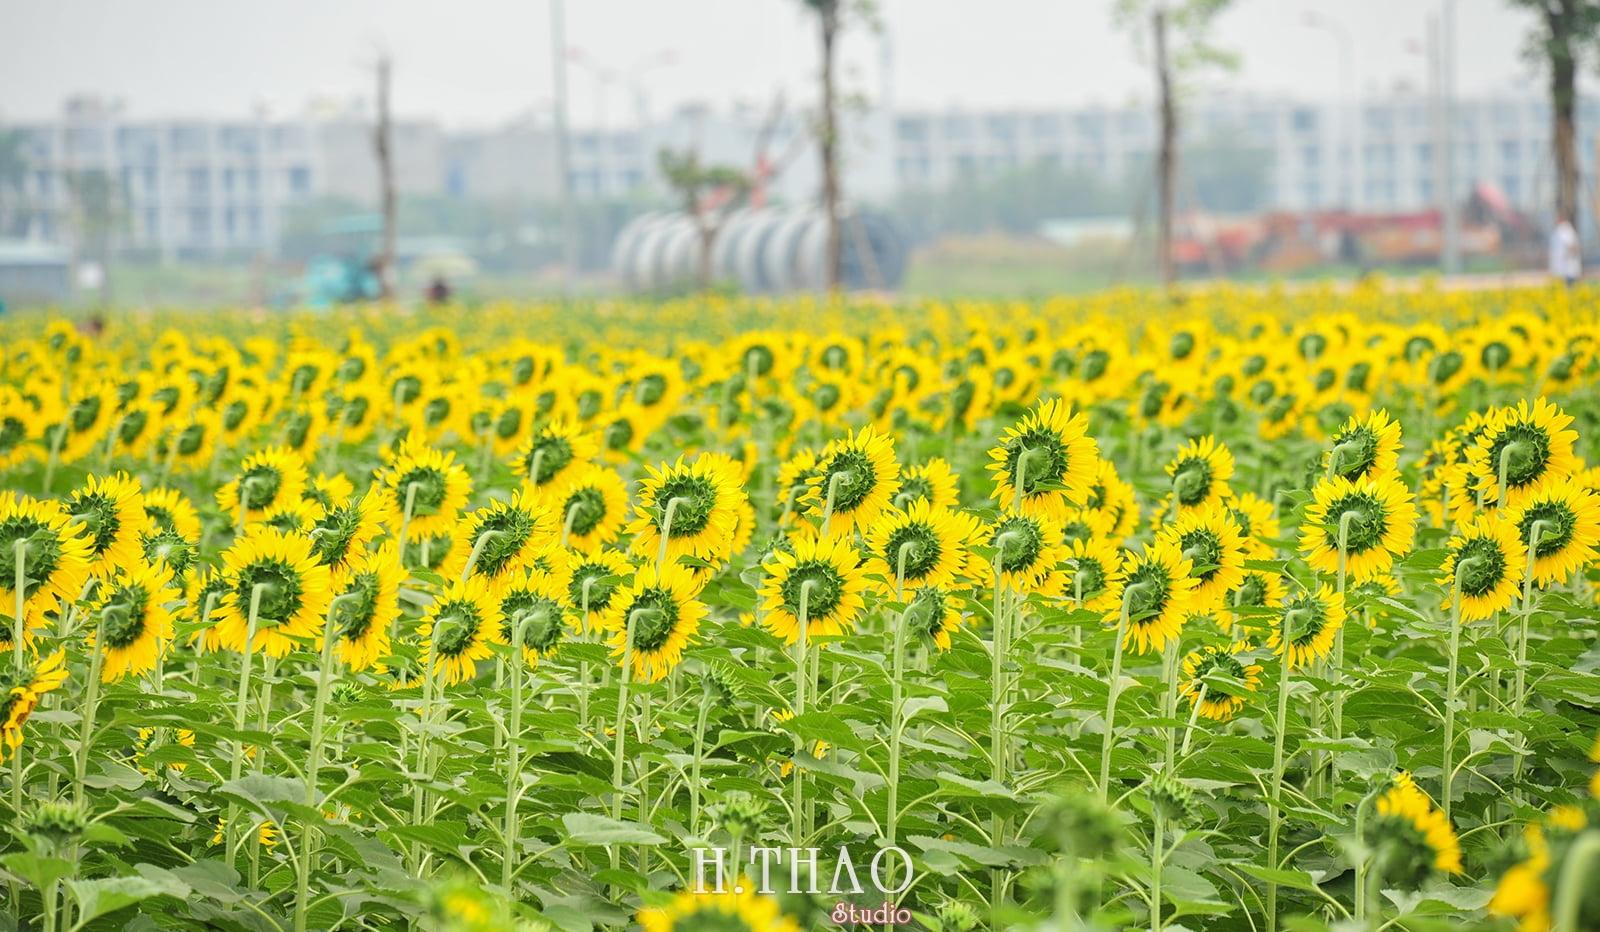 DSC 3538 - Cánh đồng hoa hướng dương tuyệt đẹp giữa Sài Gòn